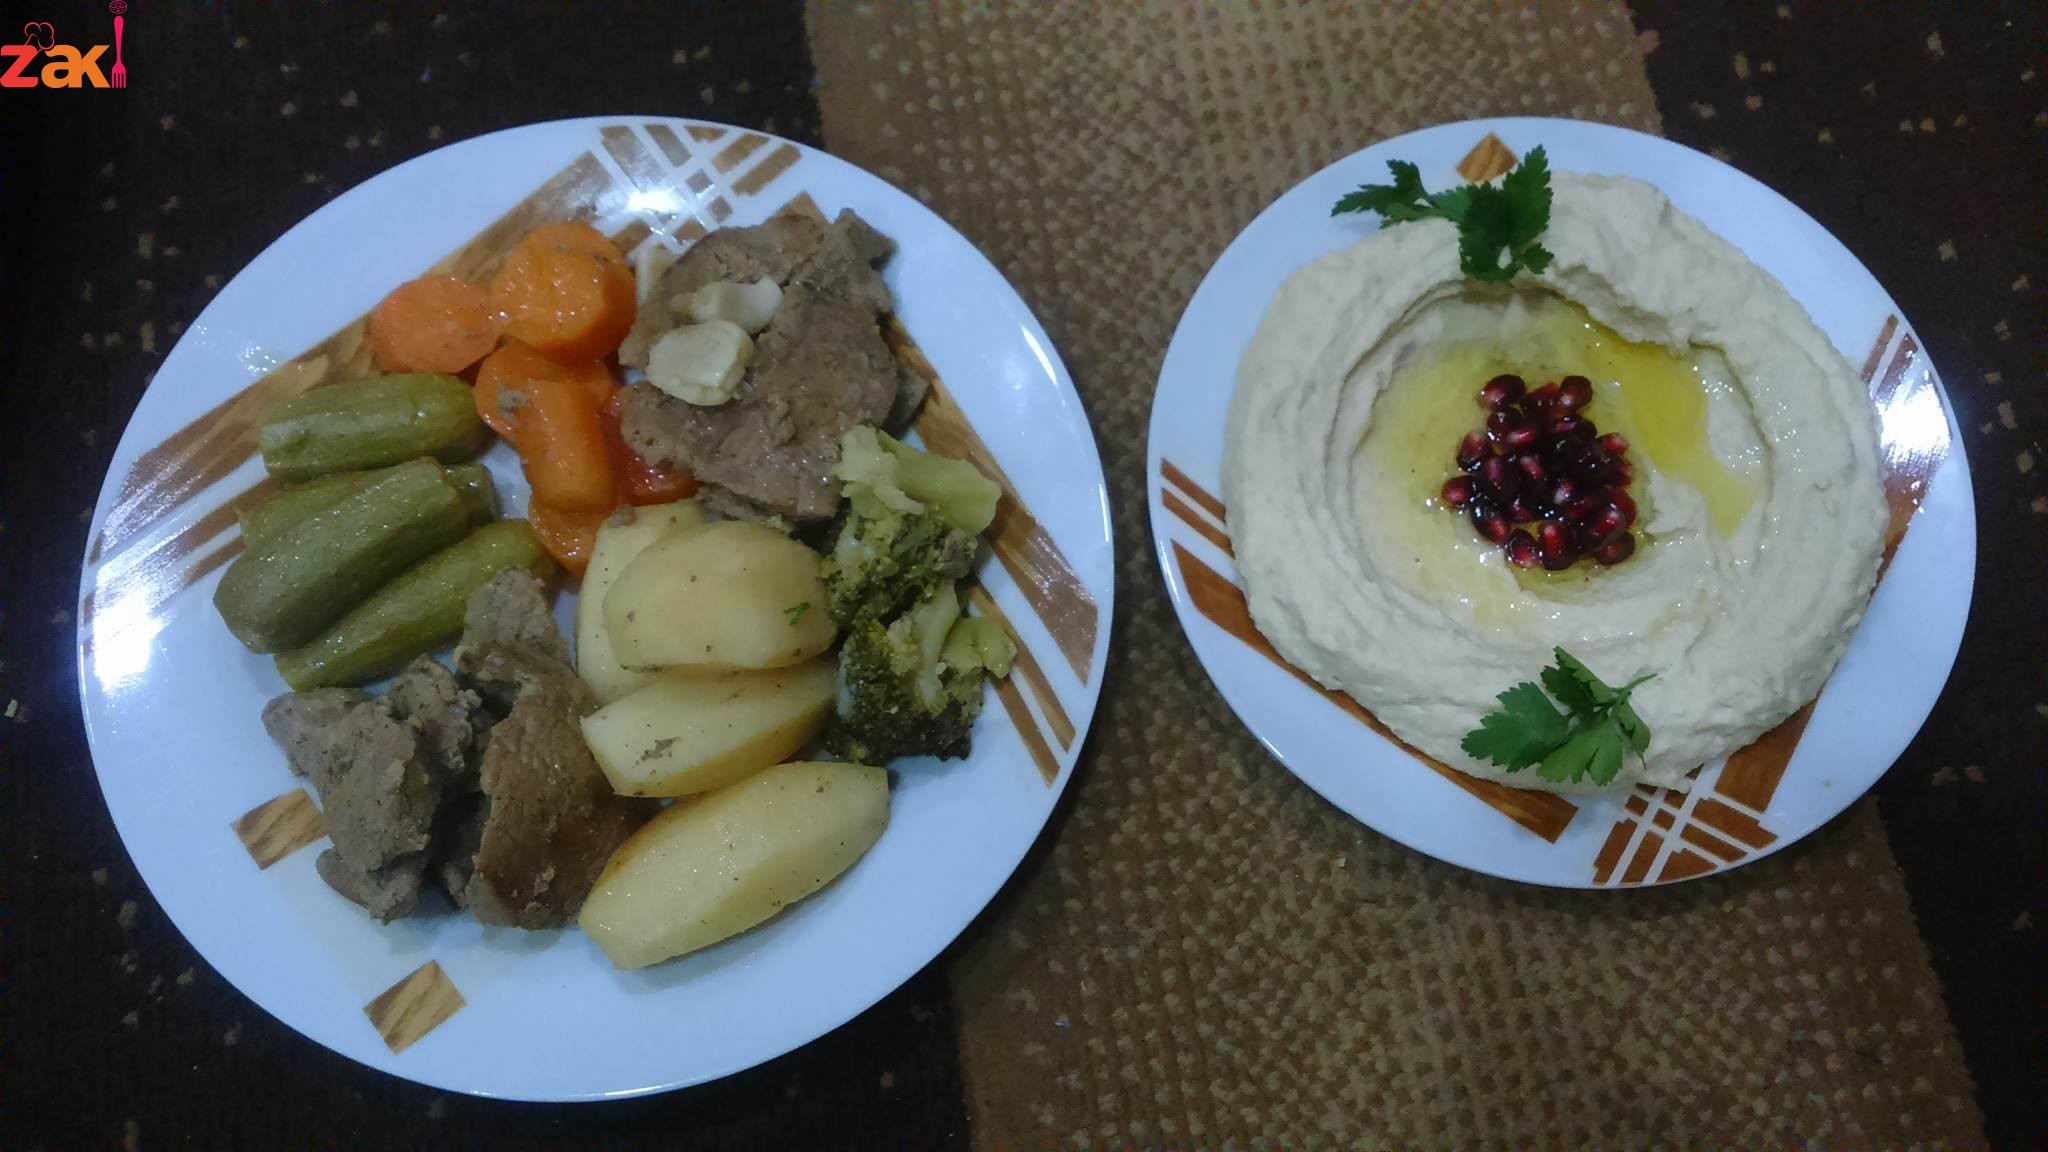 أطيب و أزكى عجبة بيض فلسطينية طعم و لا في الأحلاااااام